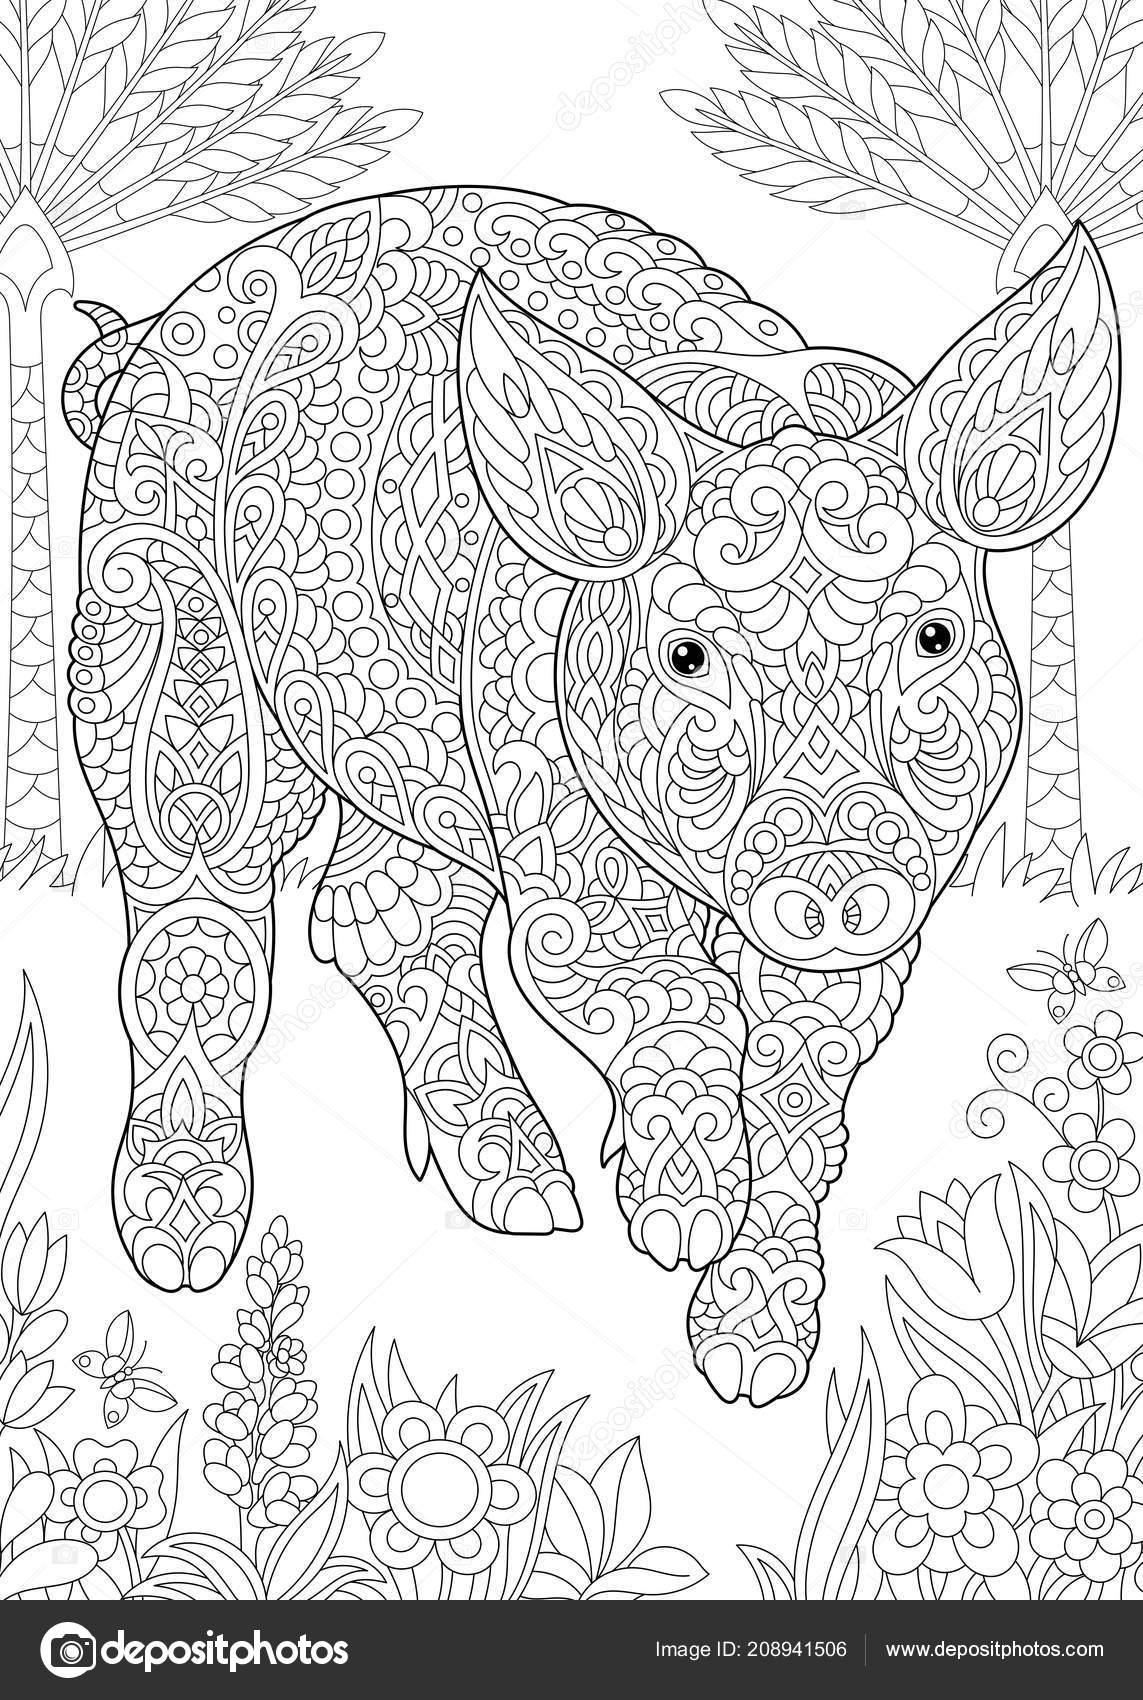 kleurplaat kleurboek kleuren foto met varken schattig